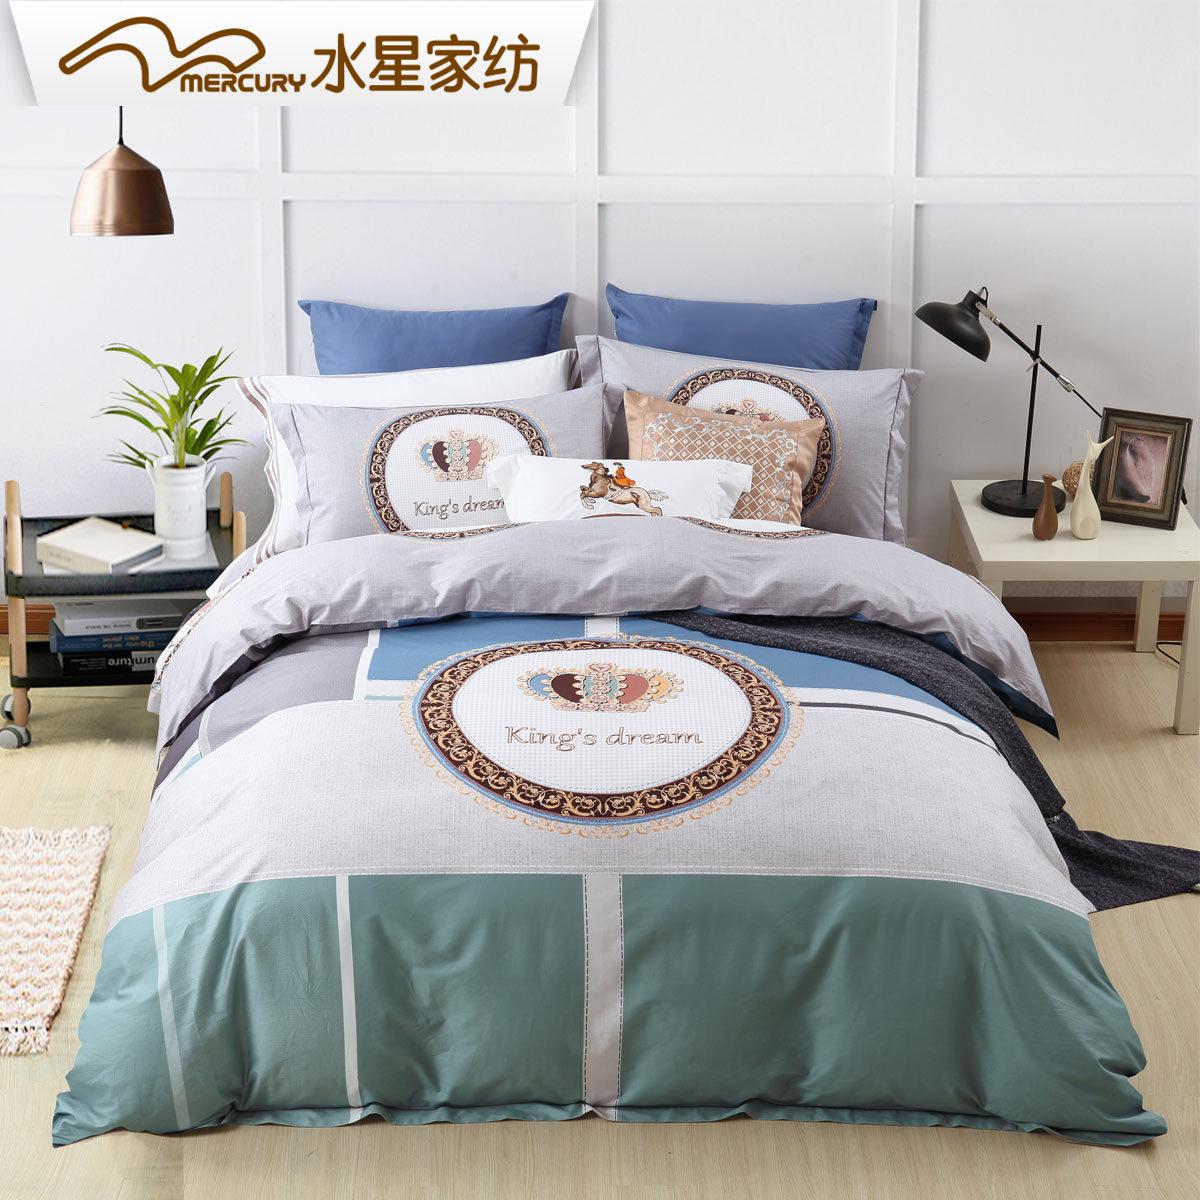 水星家纺全棉活性印花四件套1.8m简约床单被套格调印迹床上用品